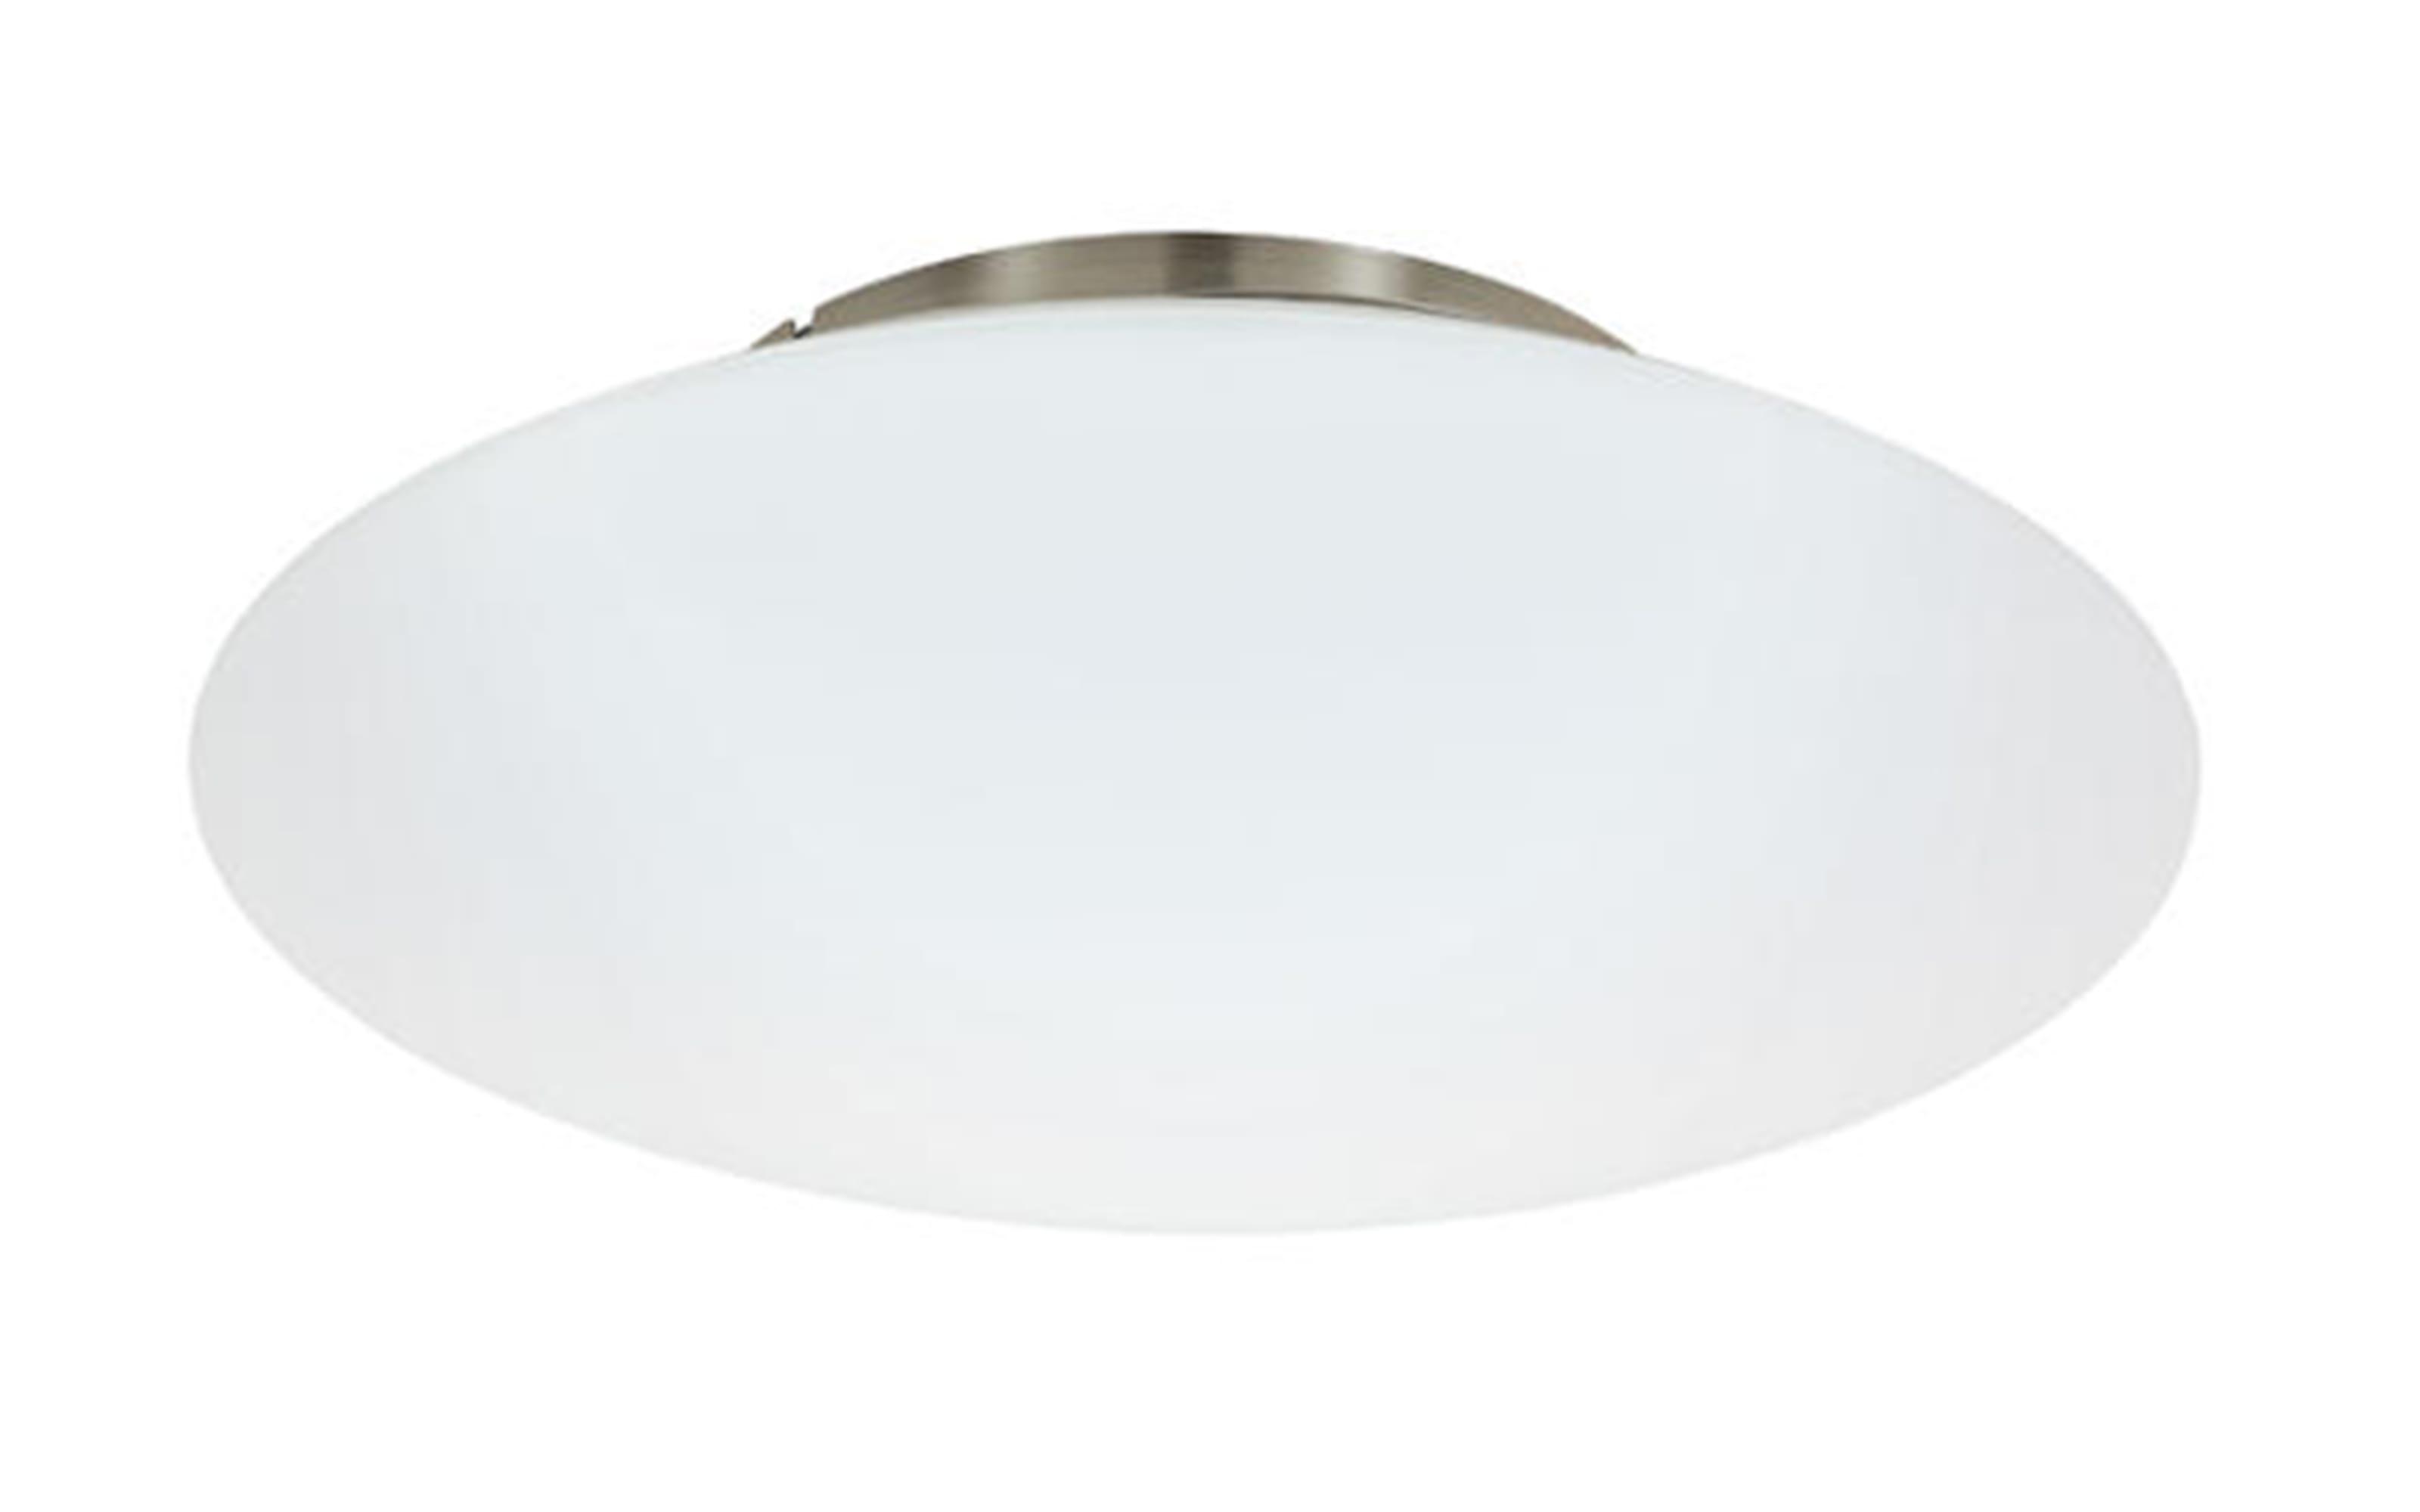 LED-Deckenleuchte Frattina-C in nickel matt